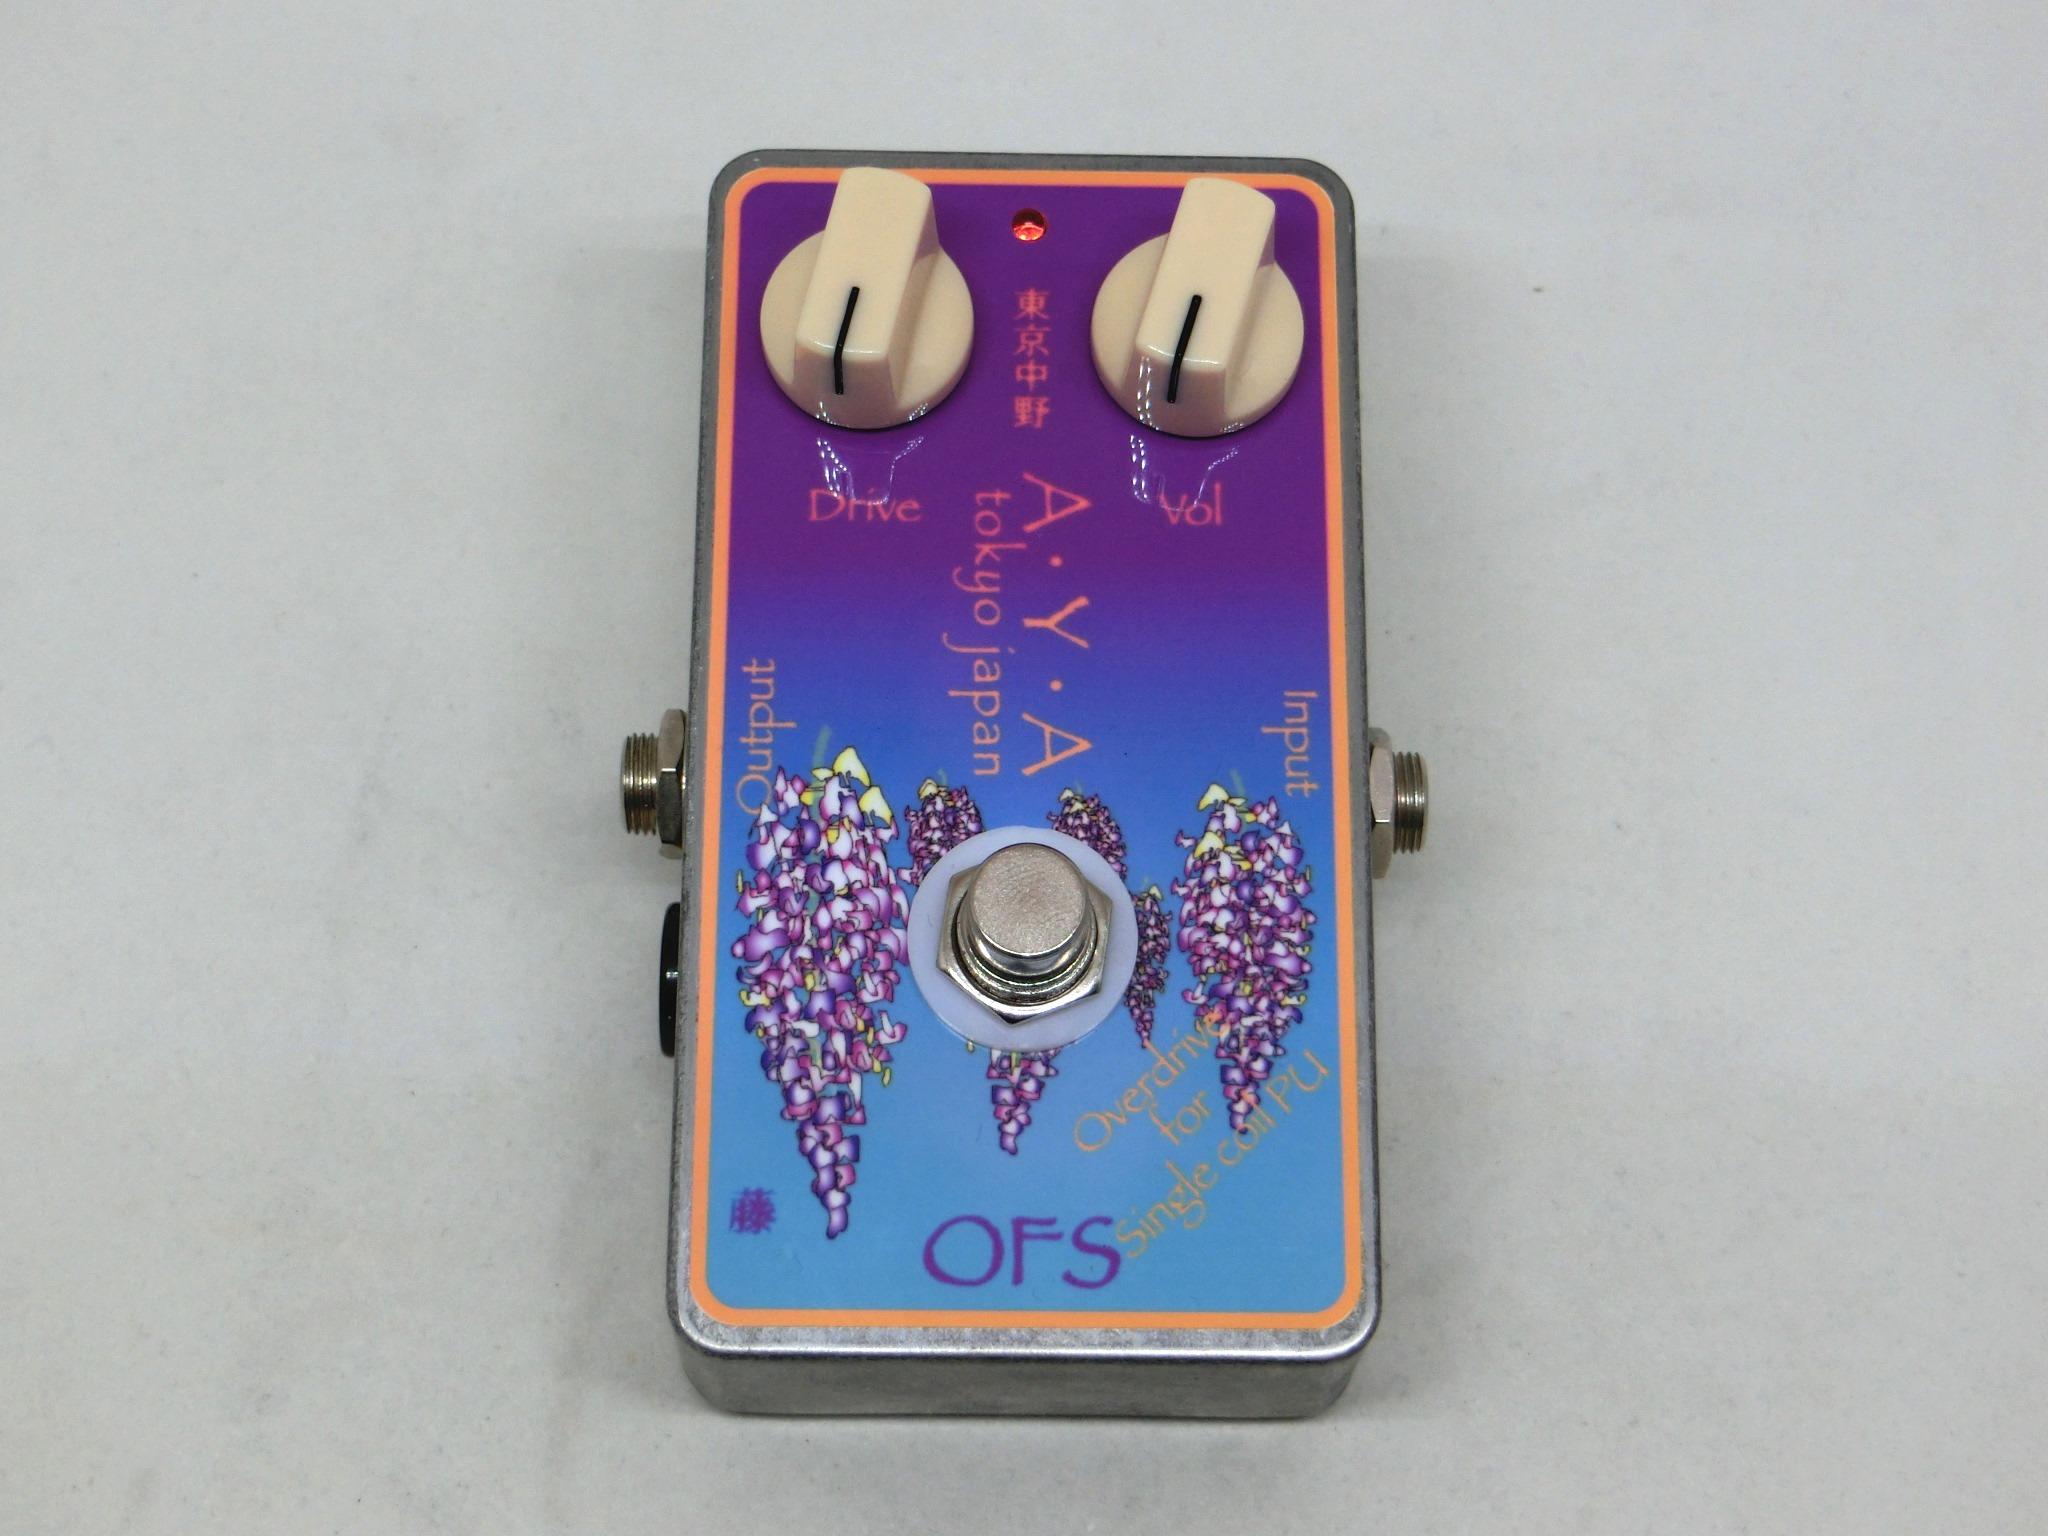 aya-ofs-1